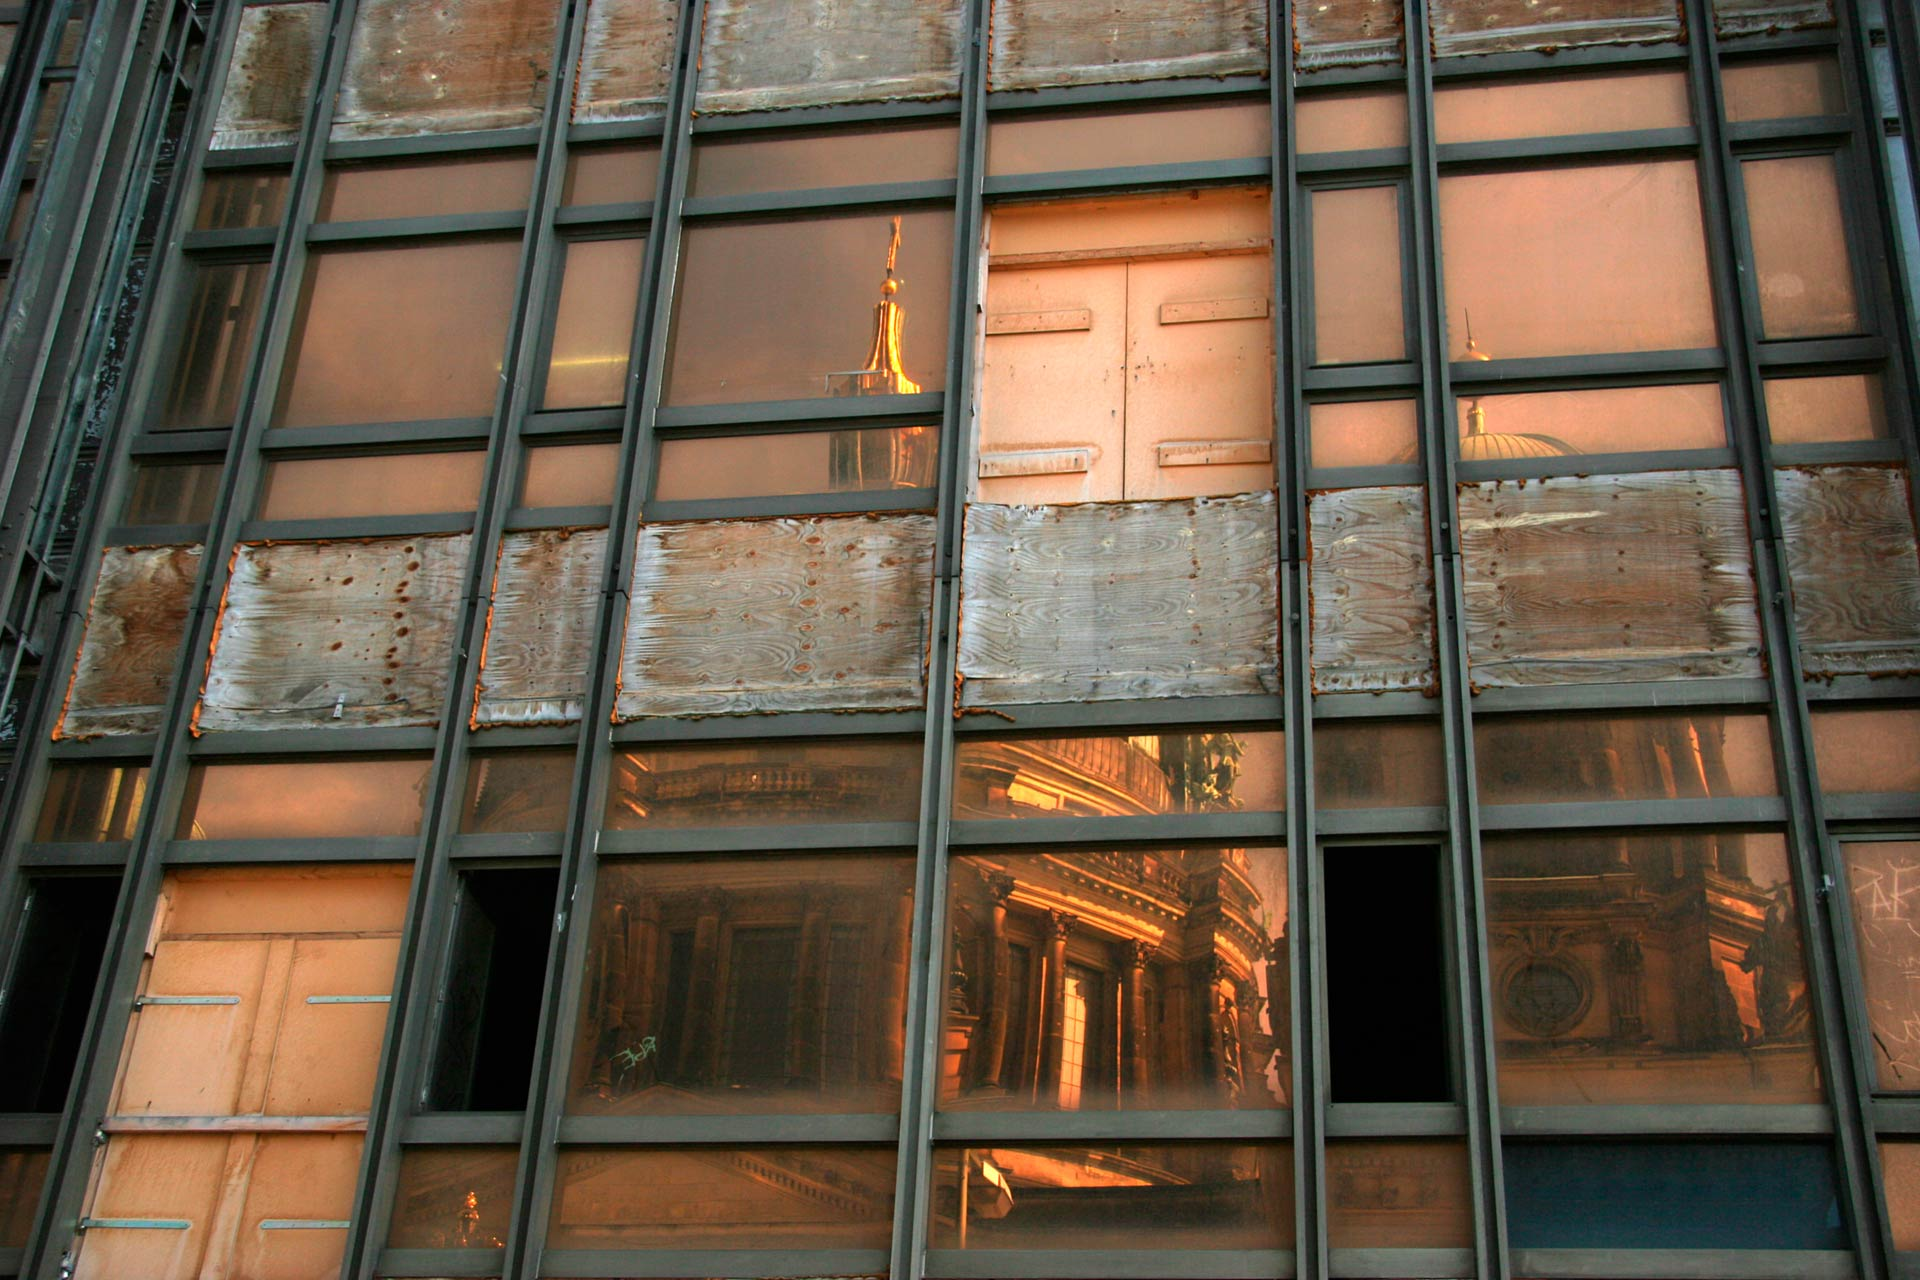 Der Berliner Dom spiegelt sich in der beschädigten Glasfassade des Palastes der Republik.